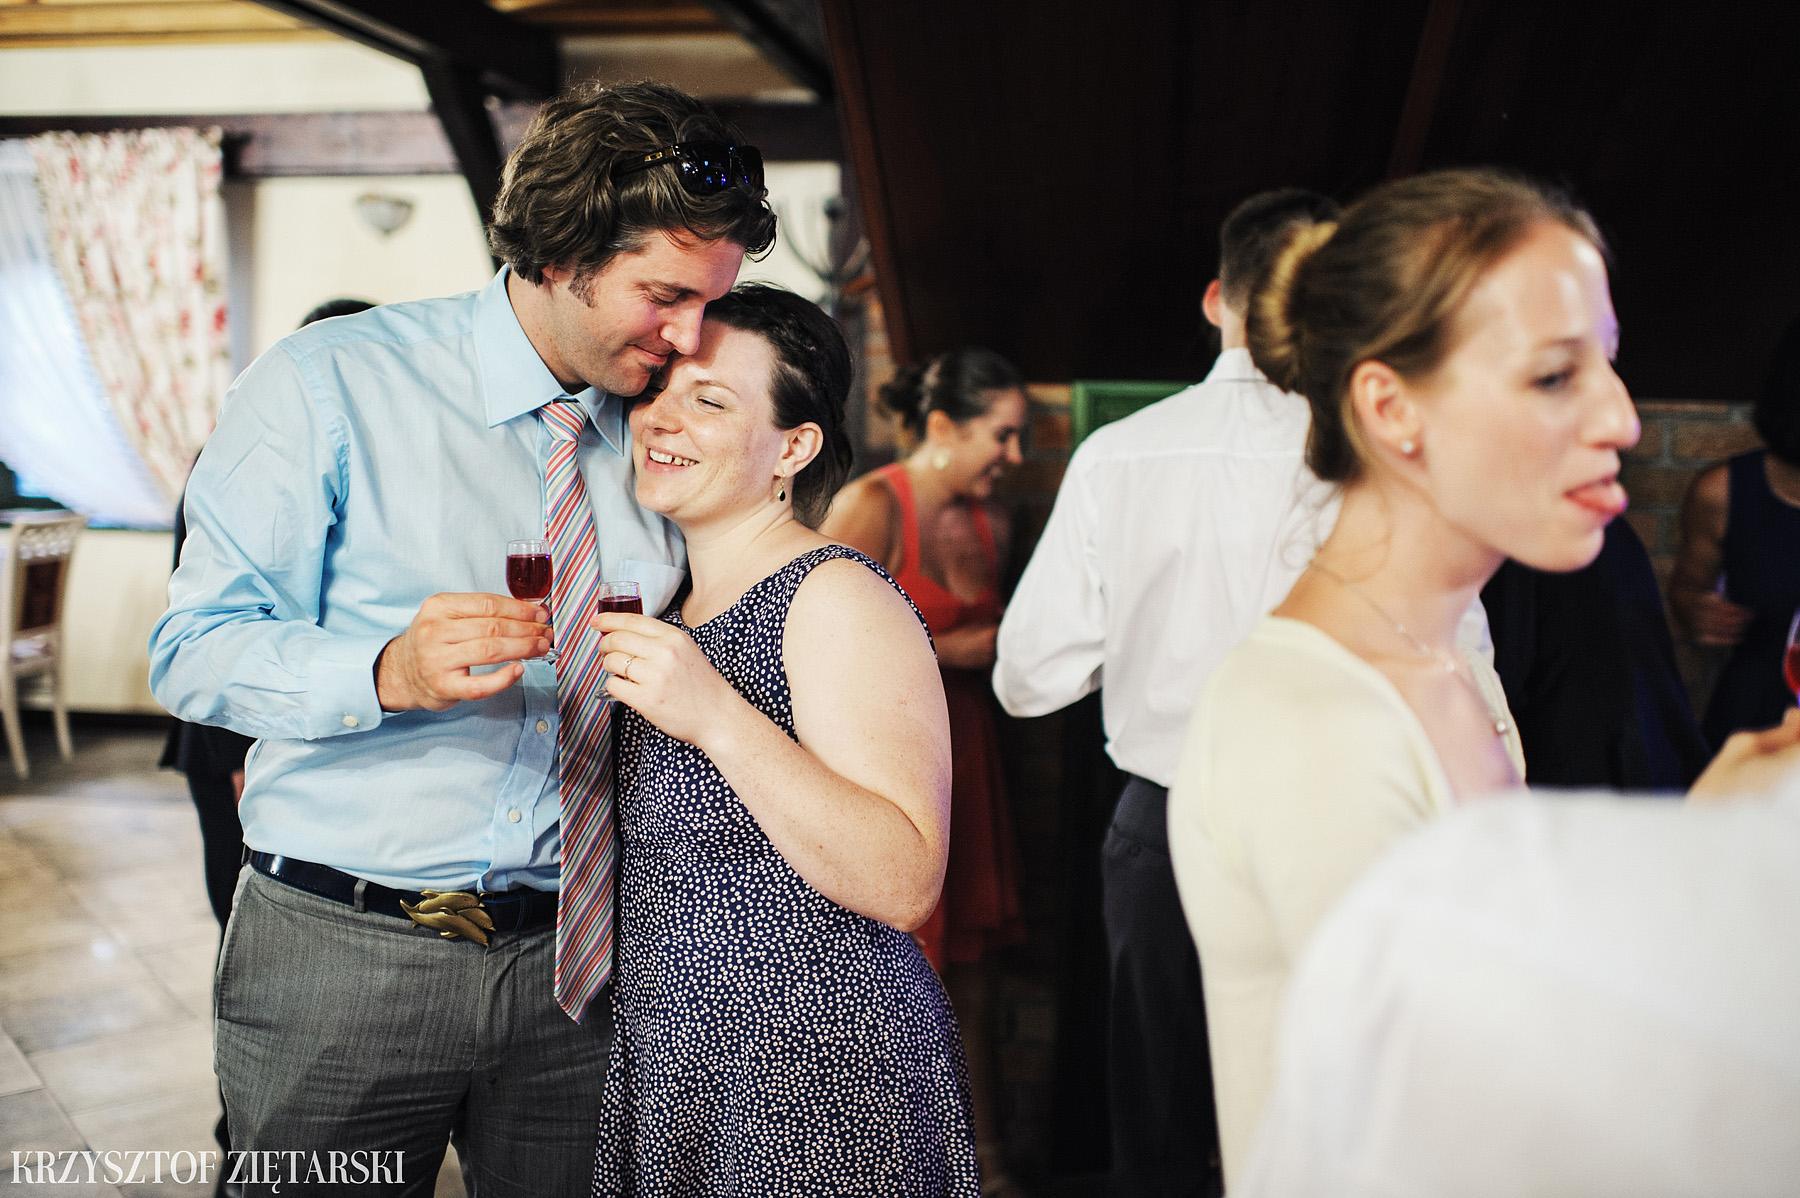 Gosia i Gabriele - Fotografia ślubna Gdynia - Dar Pomorza, Gościniec dla Przyjaciół Wyczechowo, Sea Towers - 53.